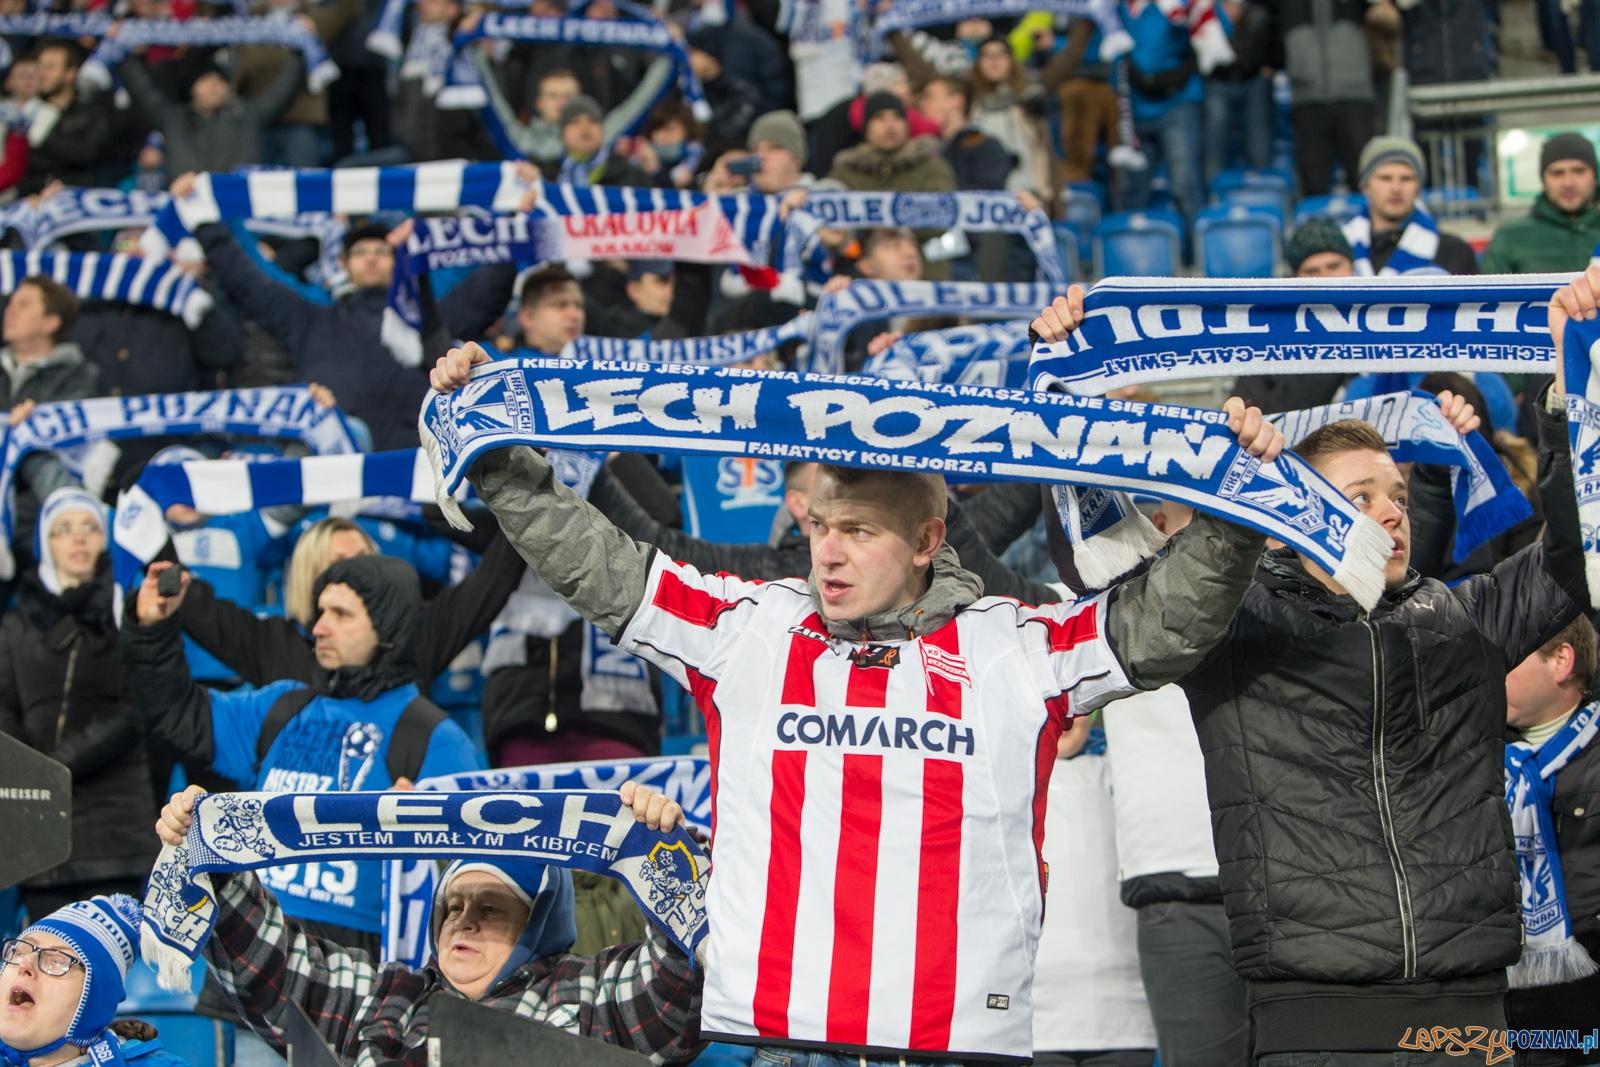 26. kolejka Ekstraklasy: Lech Poznań - Crakovia Kraków  Foto: lepszyPOZNAN.pl / Piotr Rychter